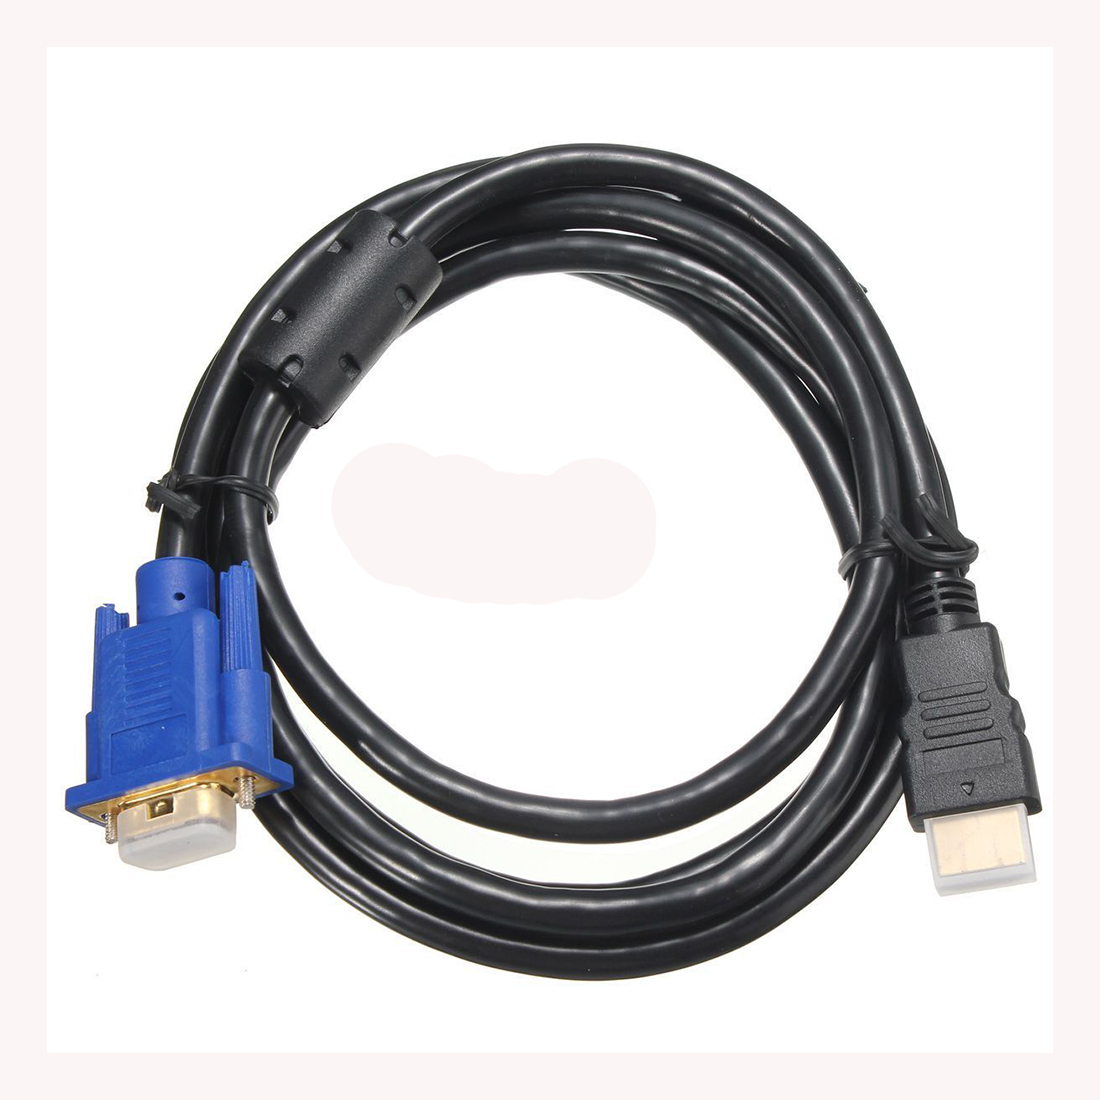 medium resolution of hdtv 1 8 m hdmi macho a vga cable adaptador cable conector para pc tv negro en de en aliexpress com alibaba group